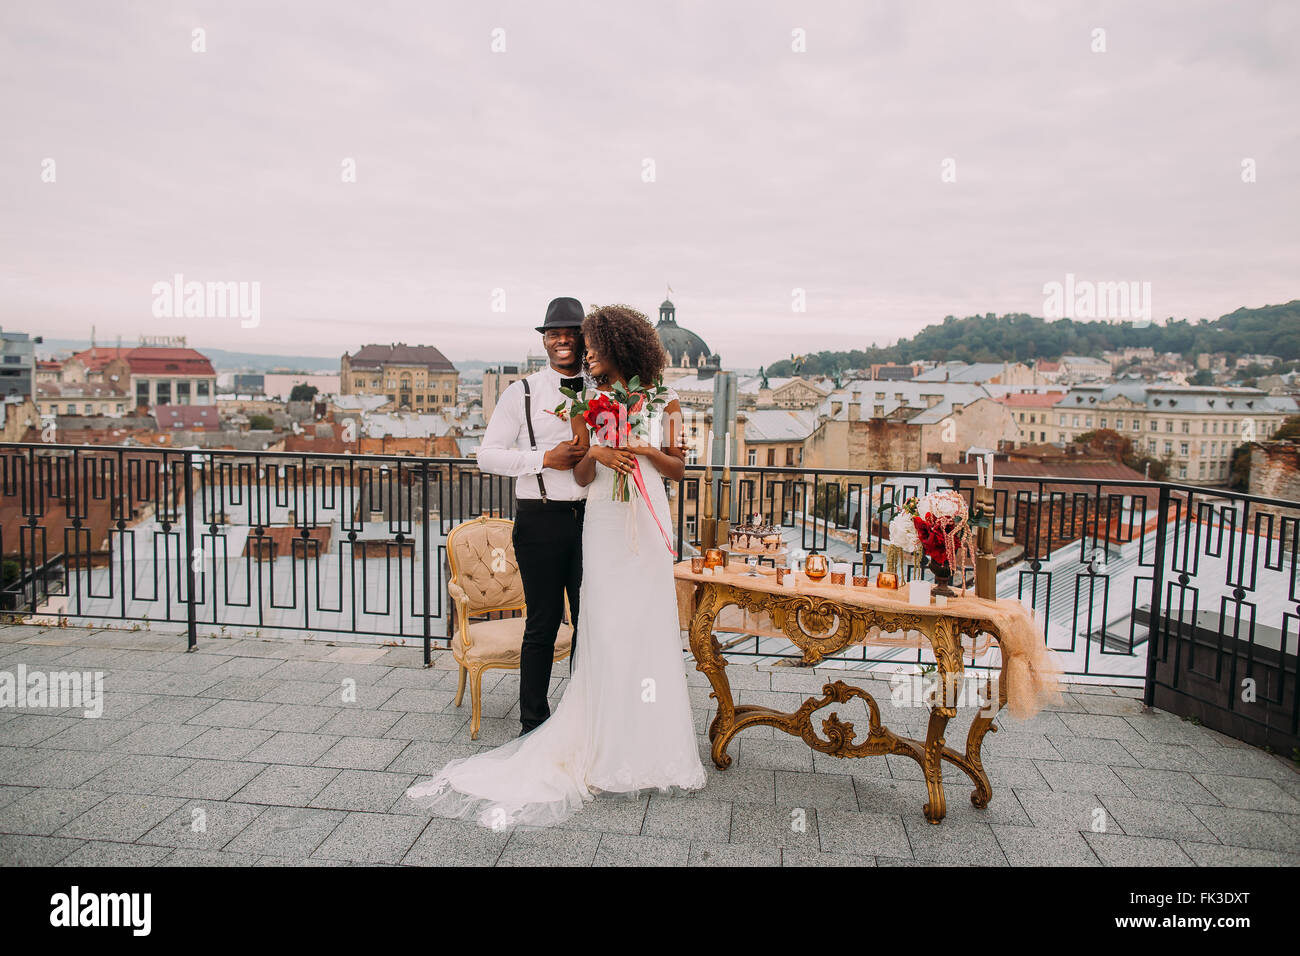 Glücklich afrikanische Braut und Bräutigam glücklich umarmt, auf der Terrasse Stockbild